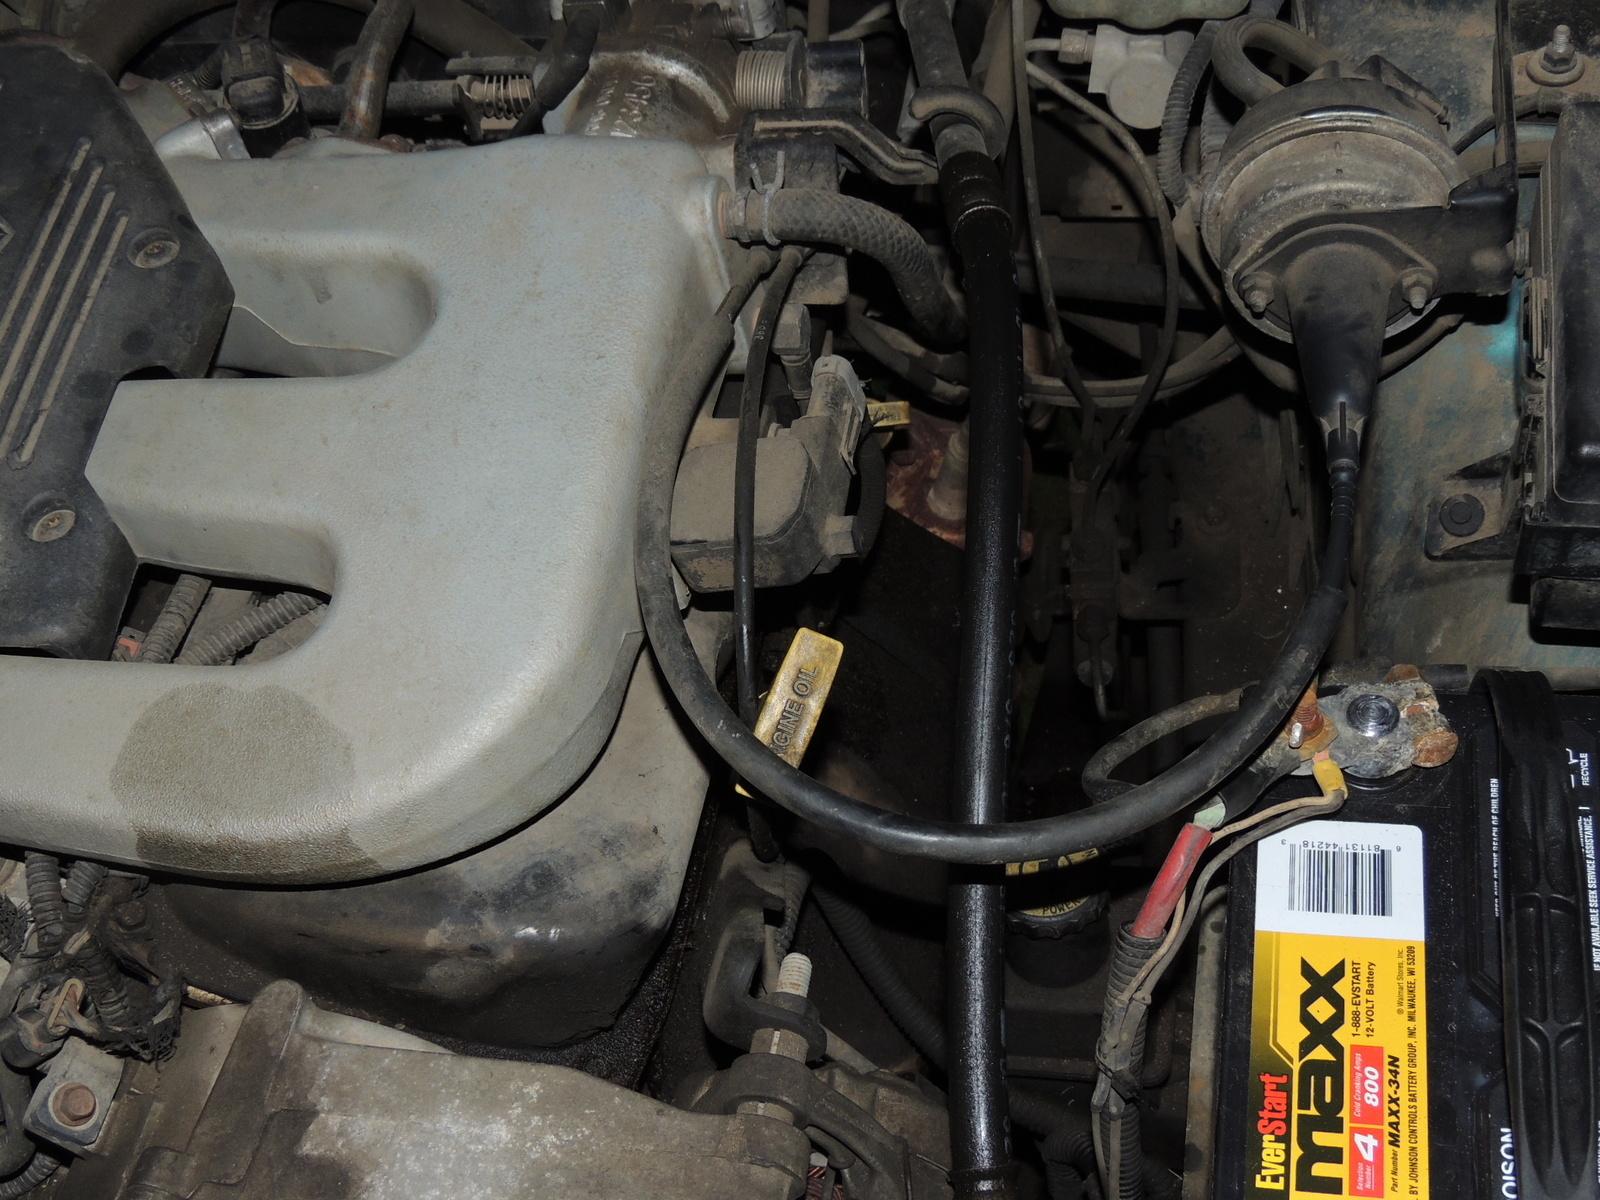 manual transmission leak repair cost